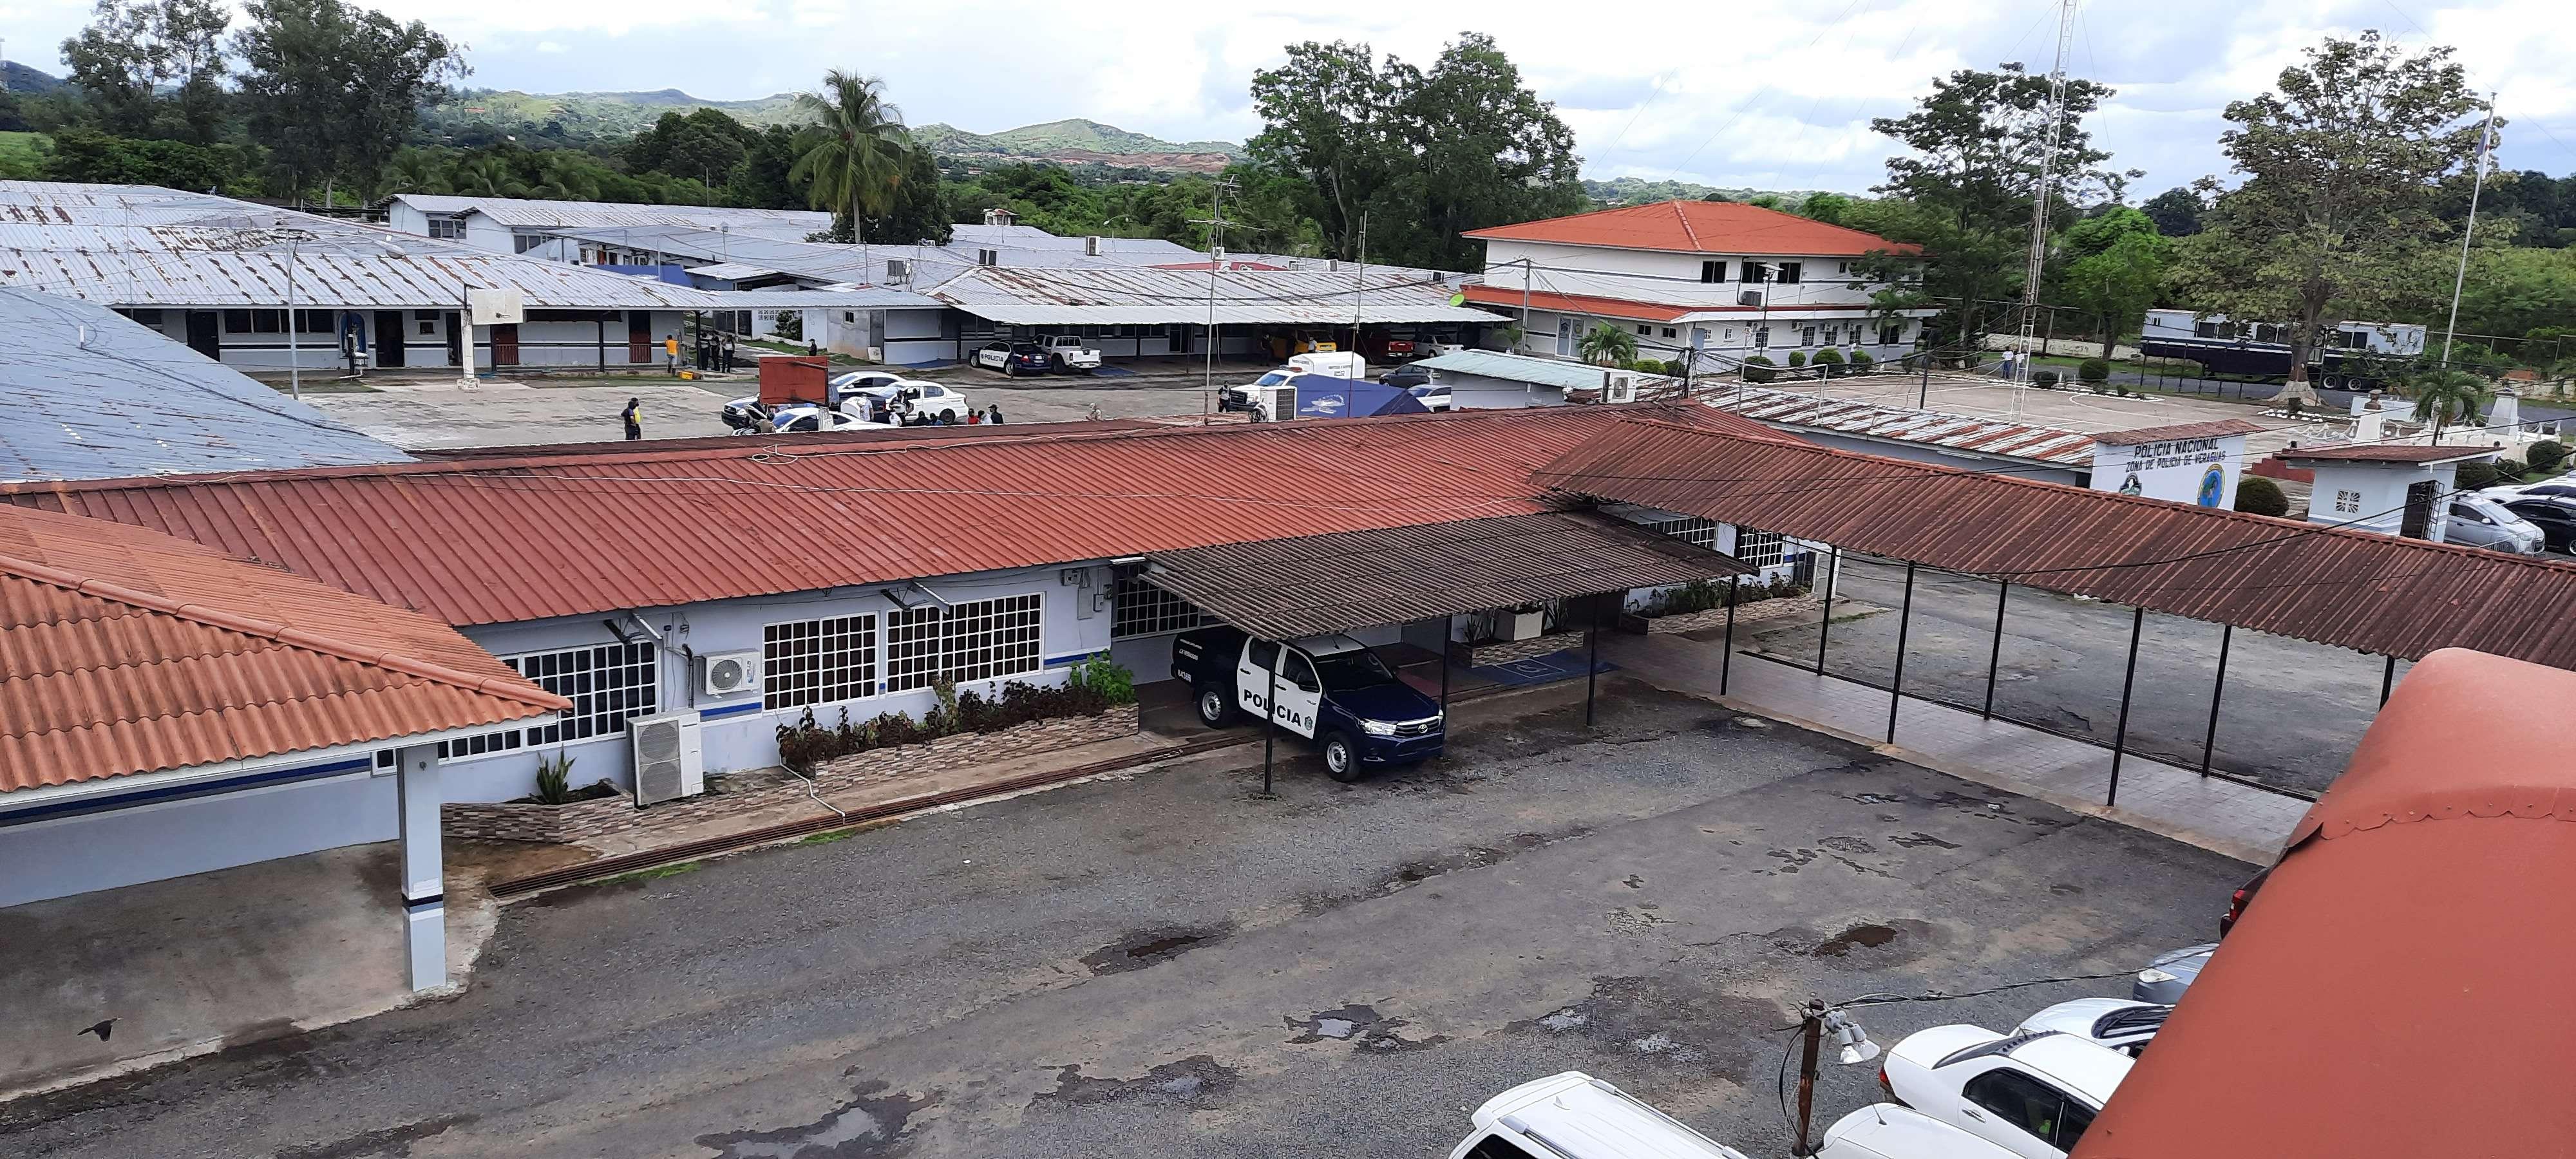 En distintos centros penitenciarios del país se han reportado casos de Covid-19 entre los reos y custodios. (Foto:IIustrativa)